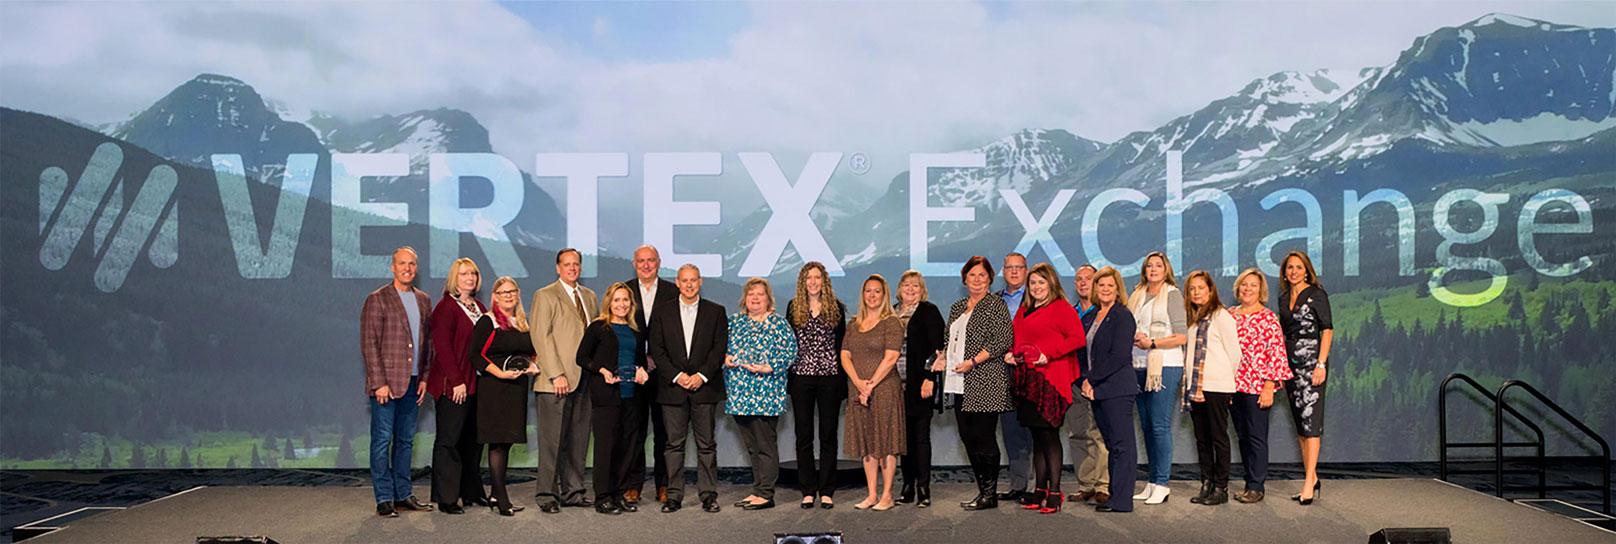 Vertex, Inc. is a 2019 Innovation Awards winner.